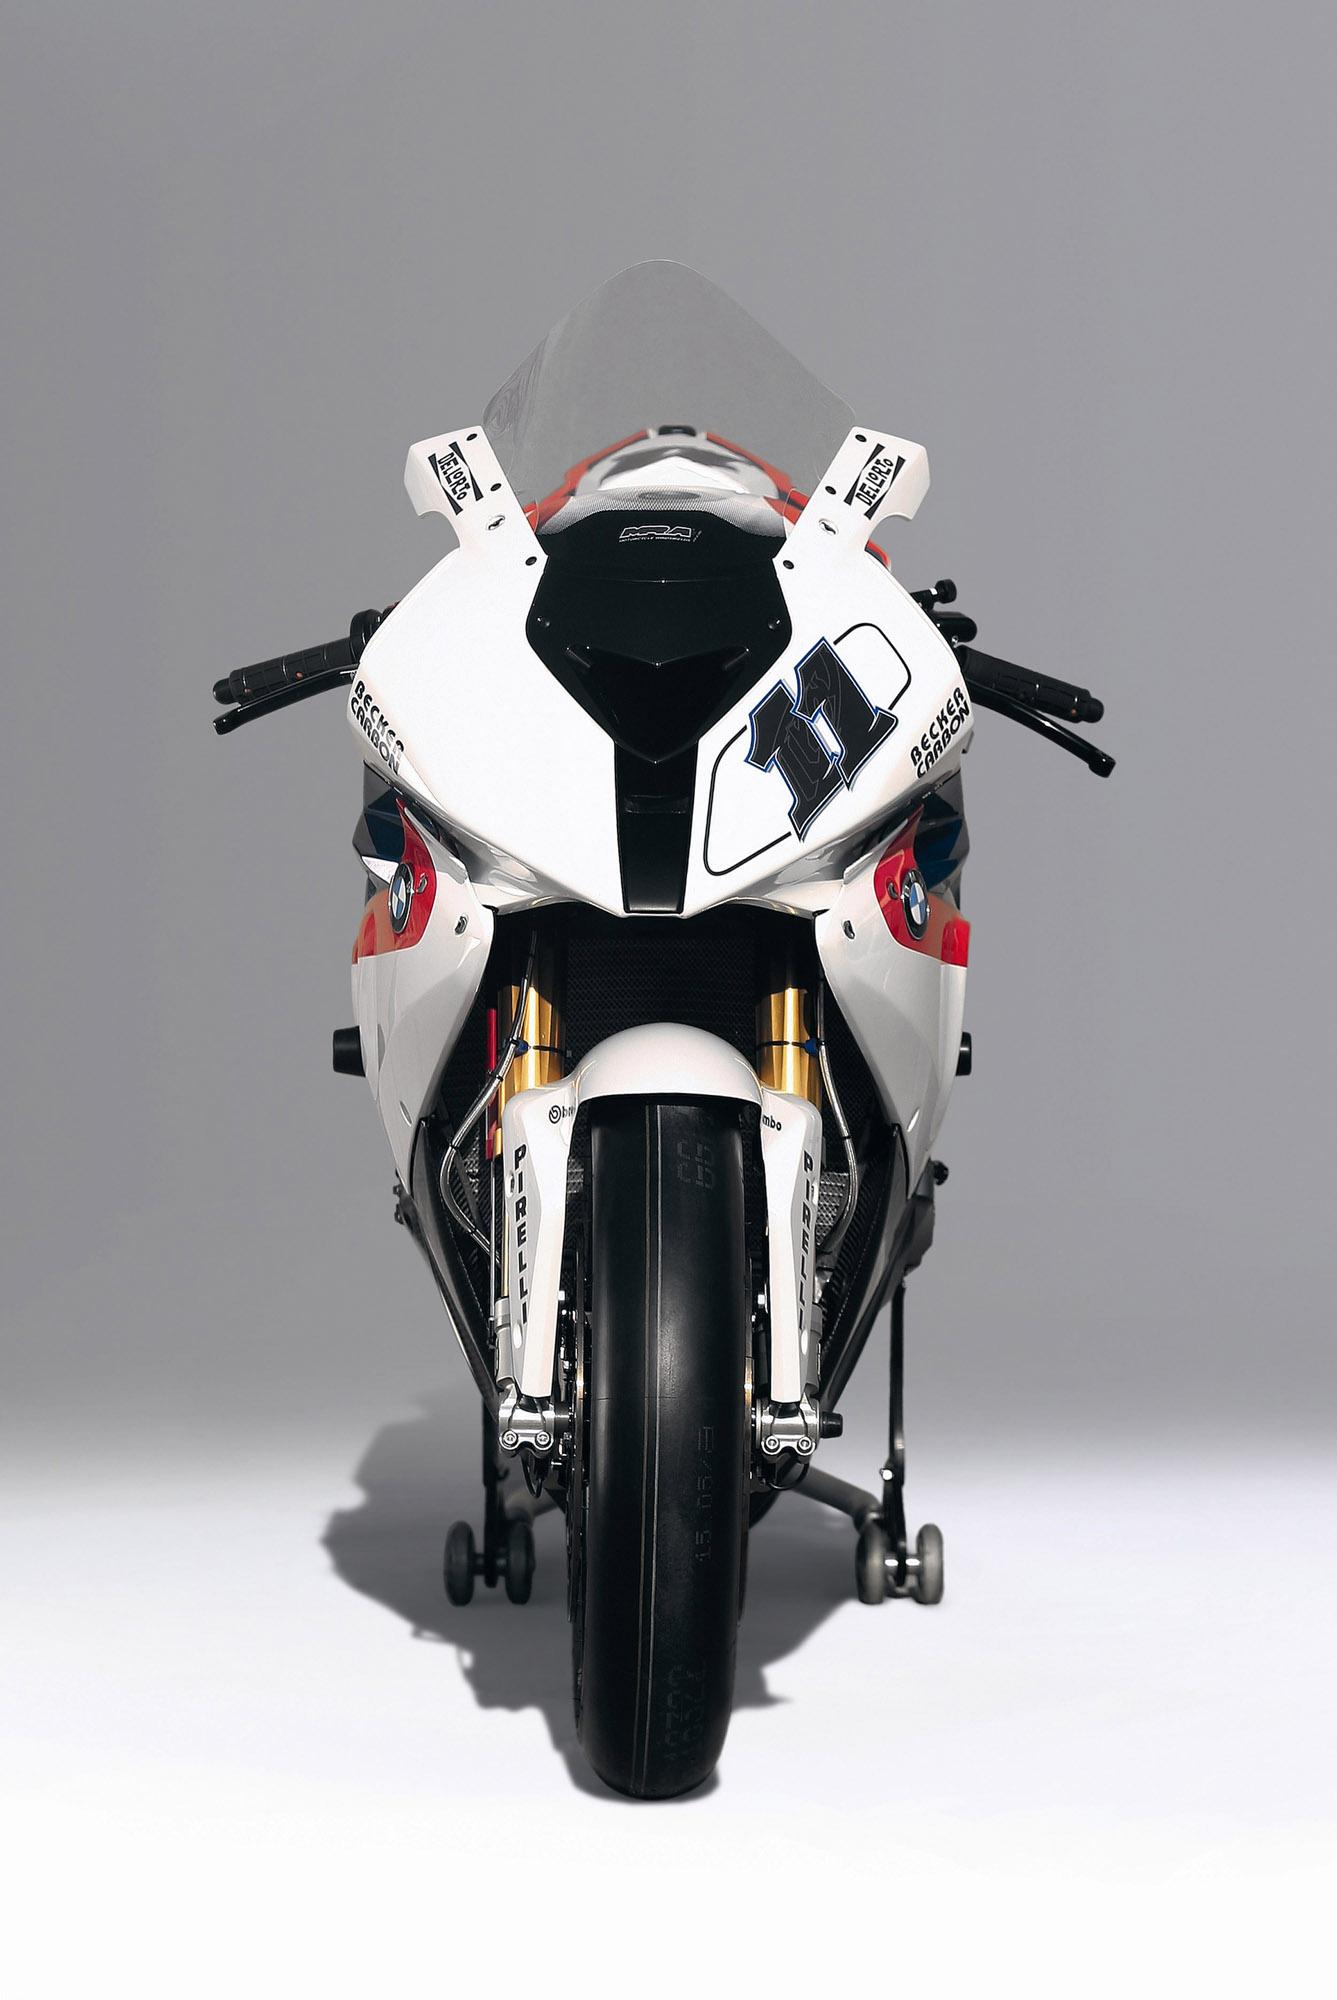 bmw   rr sbk racebike picture